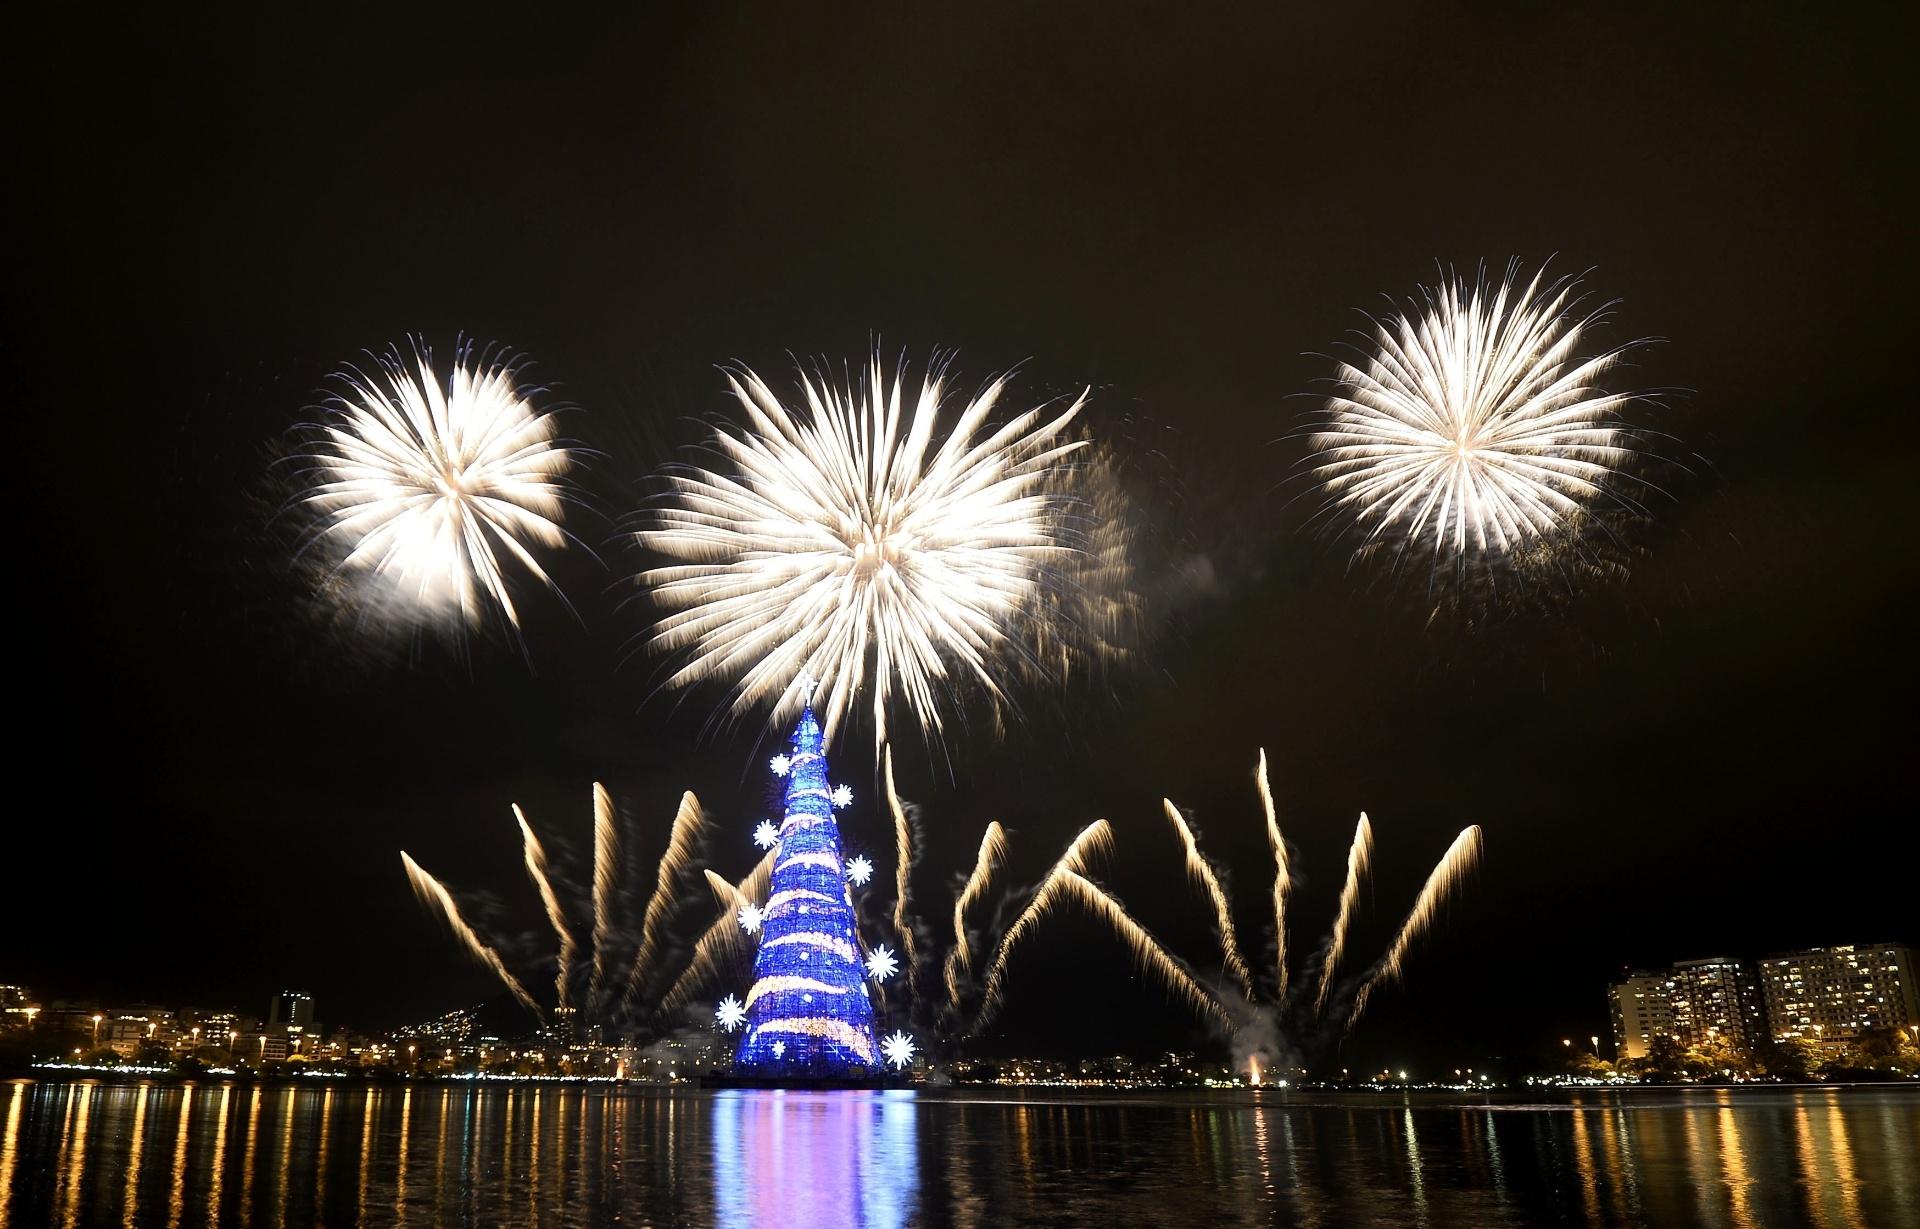 29.nov.2014 - A árvore de Natal da Lagoa Rodrigo de Freitas, no Rio, a maior árvore de Natal flutuante do mundo, segundo o Guinness Book, foi inaugurada neste sábado. Composta por 3,1 milhões de lâmpadas e 120 km de mangueiras luminosas, a cenografia, assinada por Abel Gomes